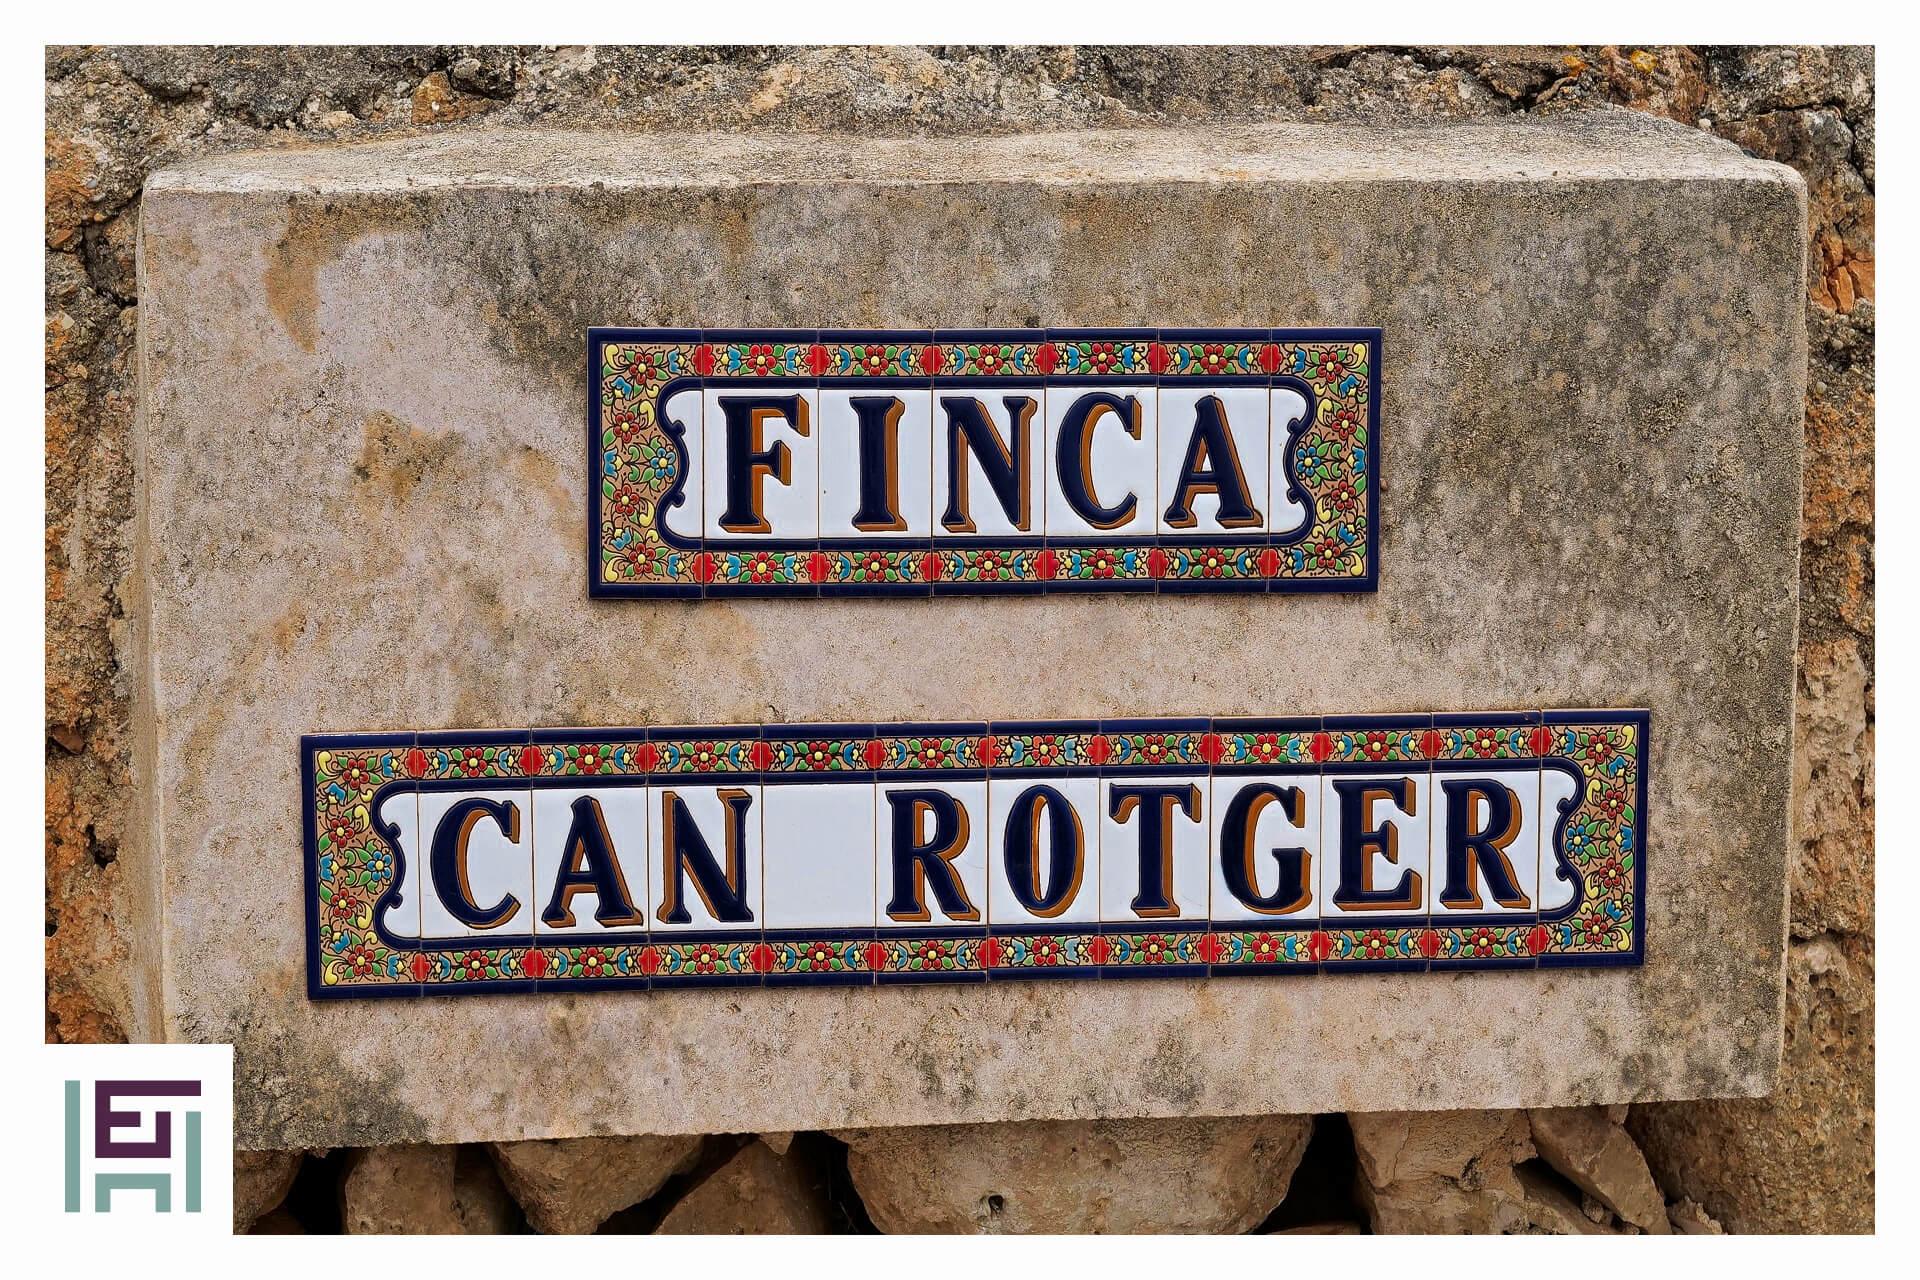 Finca Can Rotger